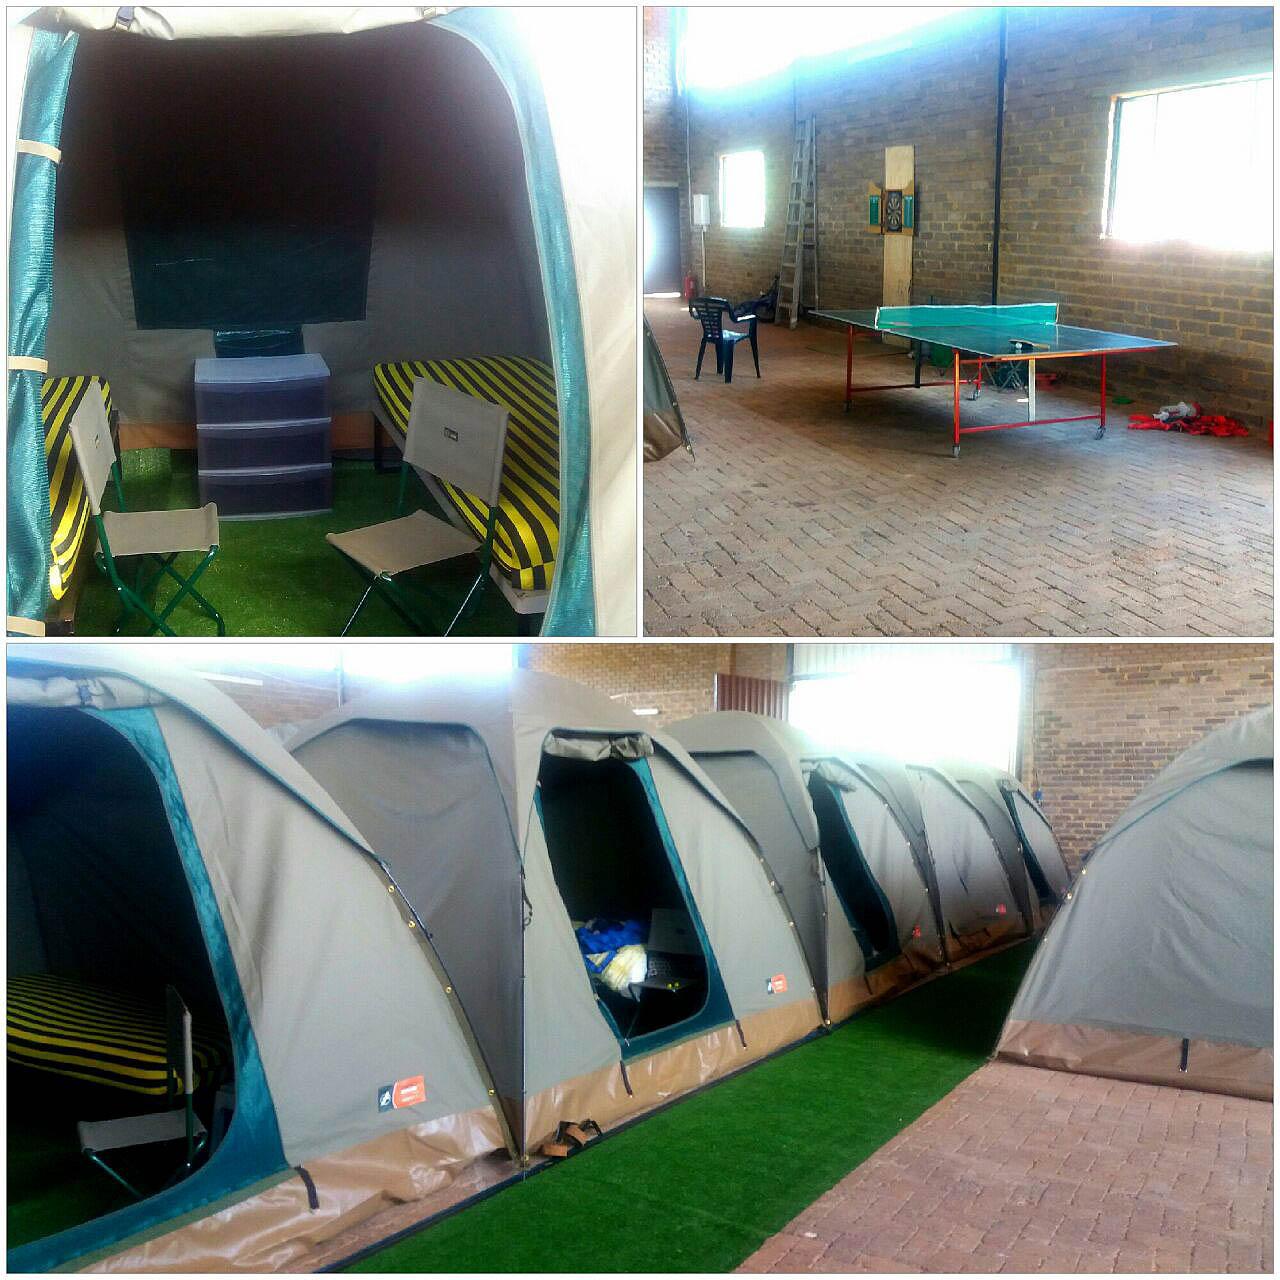 3x3m tents